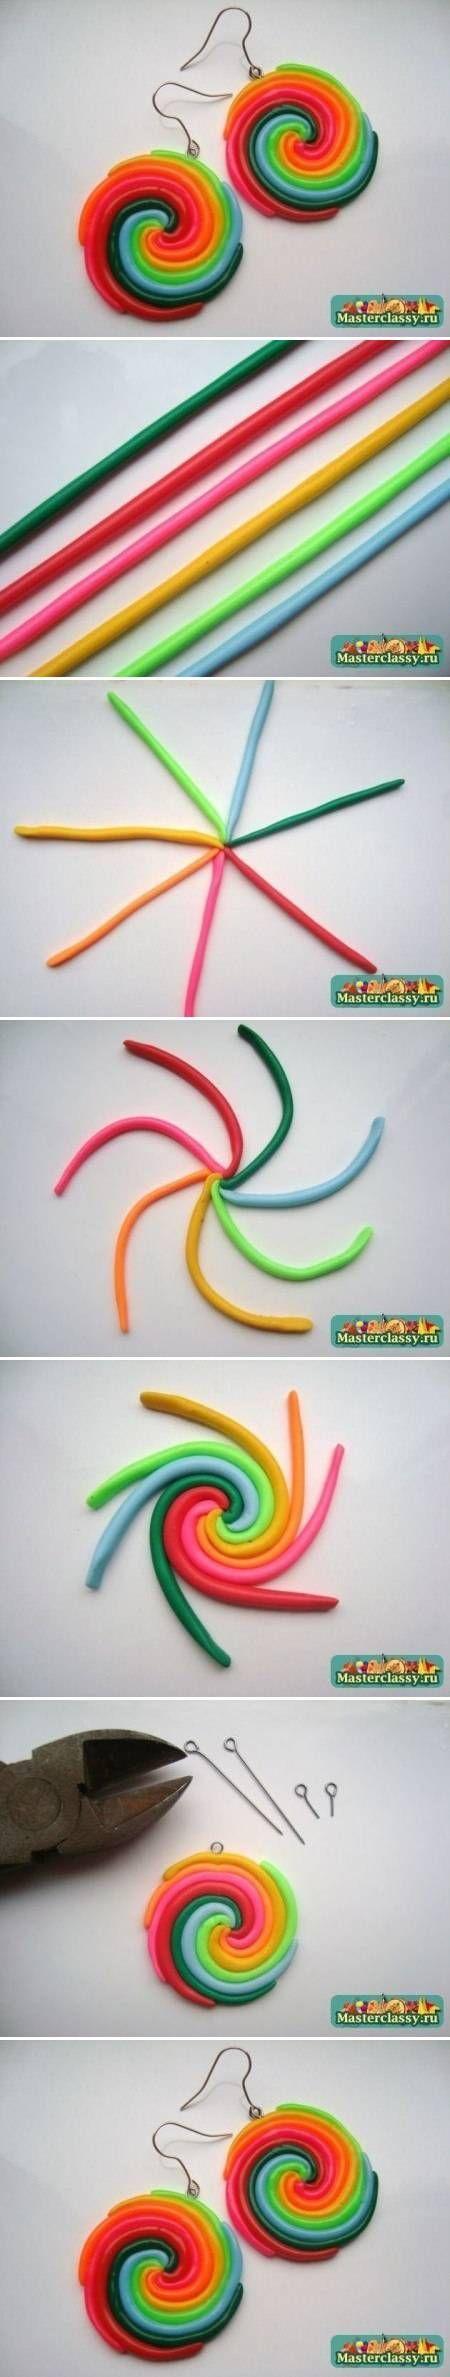 Comment faire boucles d'oreilles en pate fimo ?